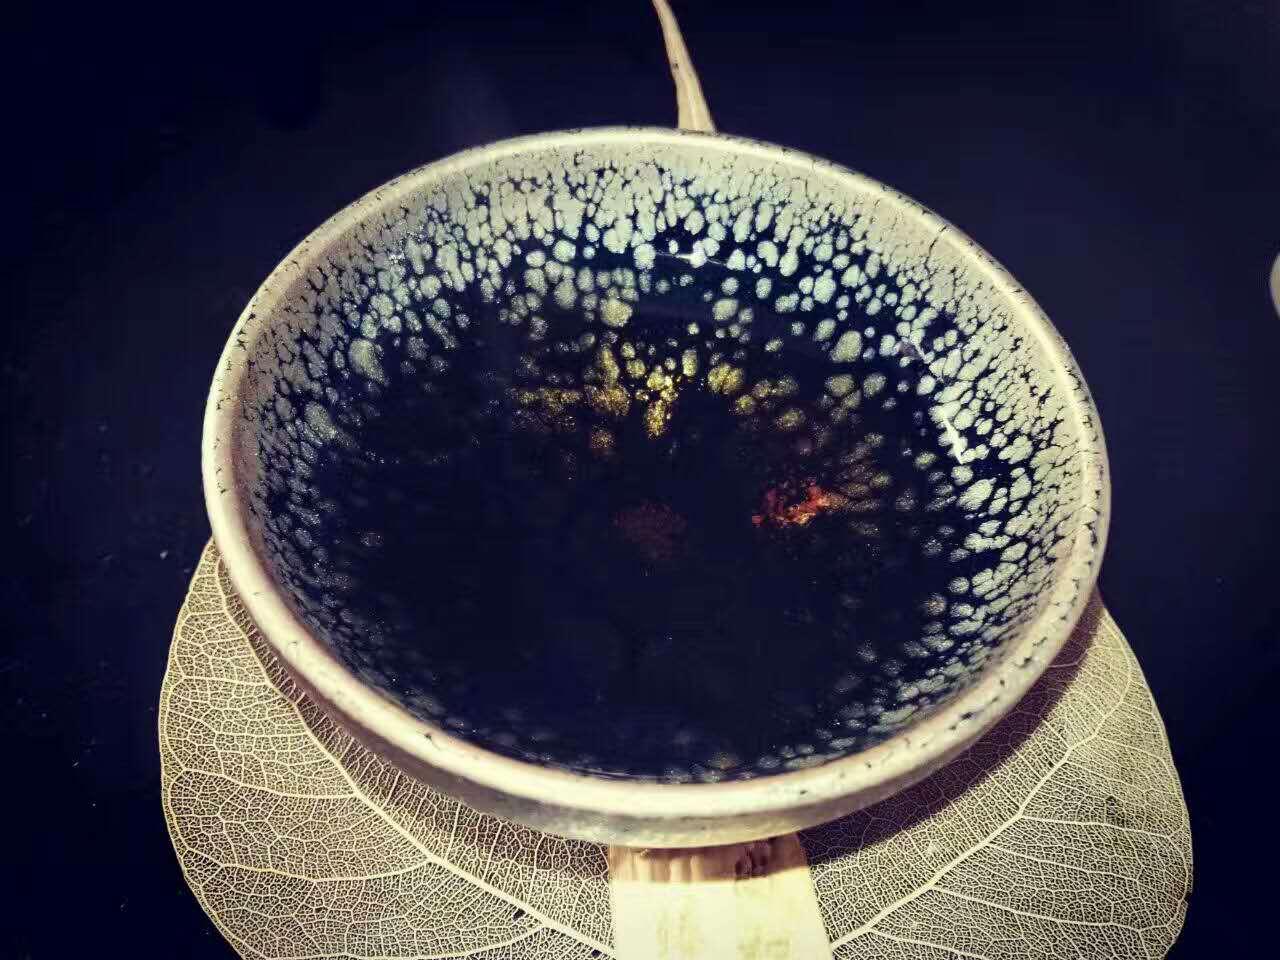 茶再好也有变淡的时候,茶再差也有芳香的一刻